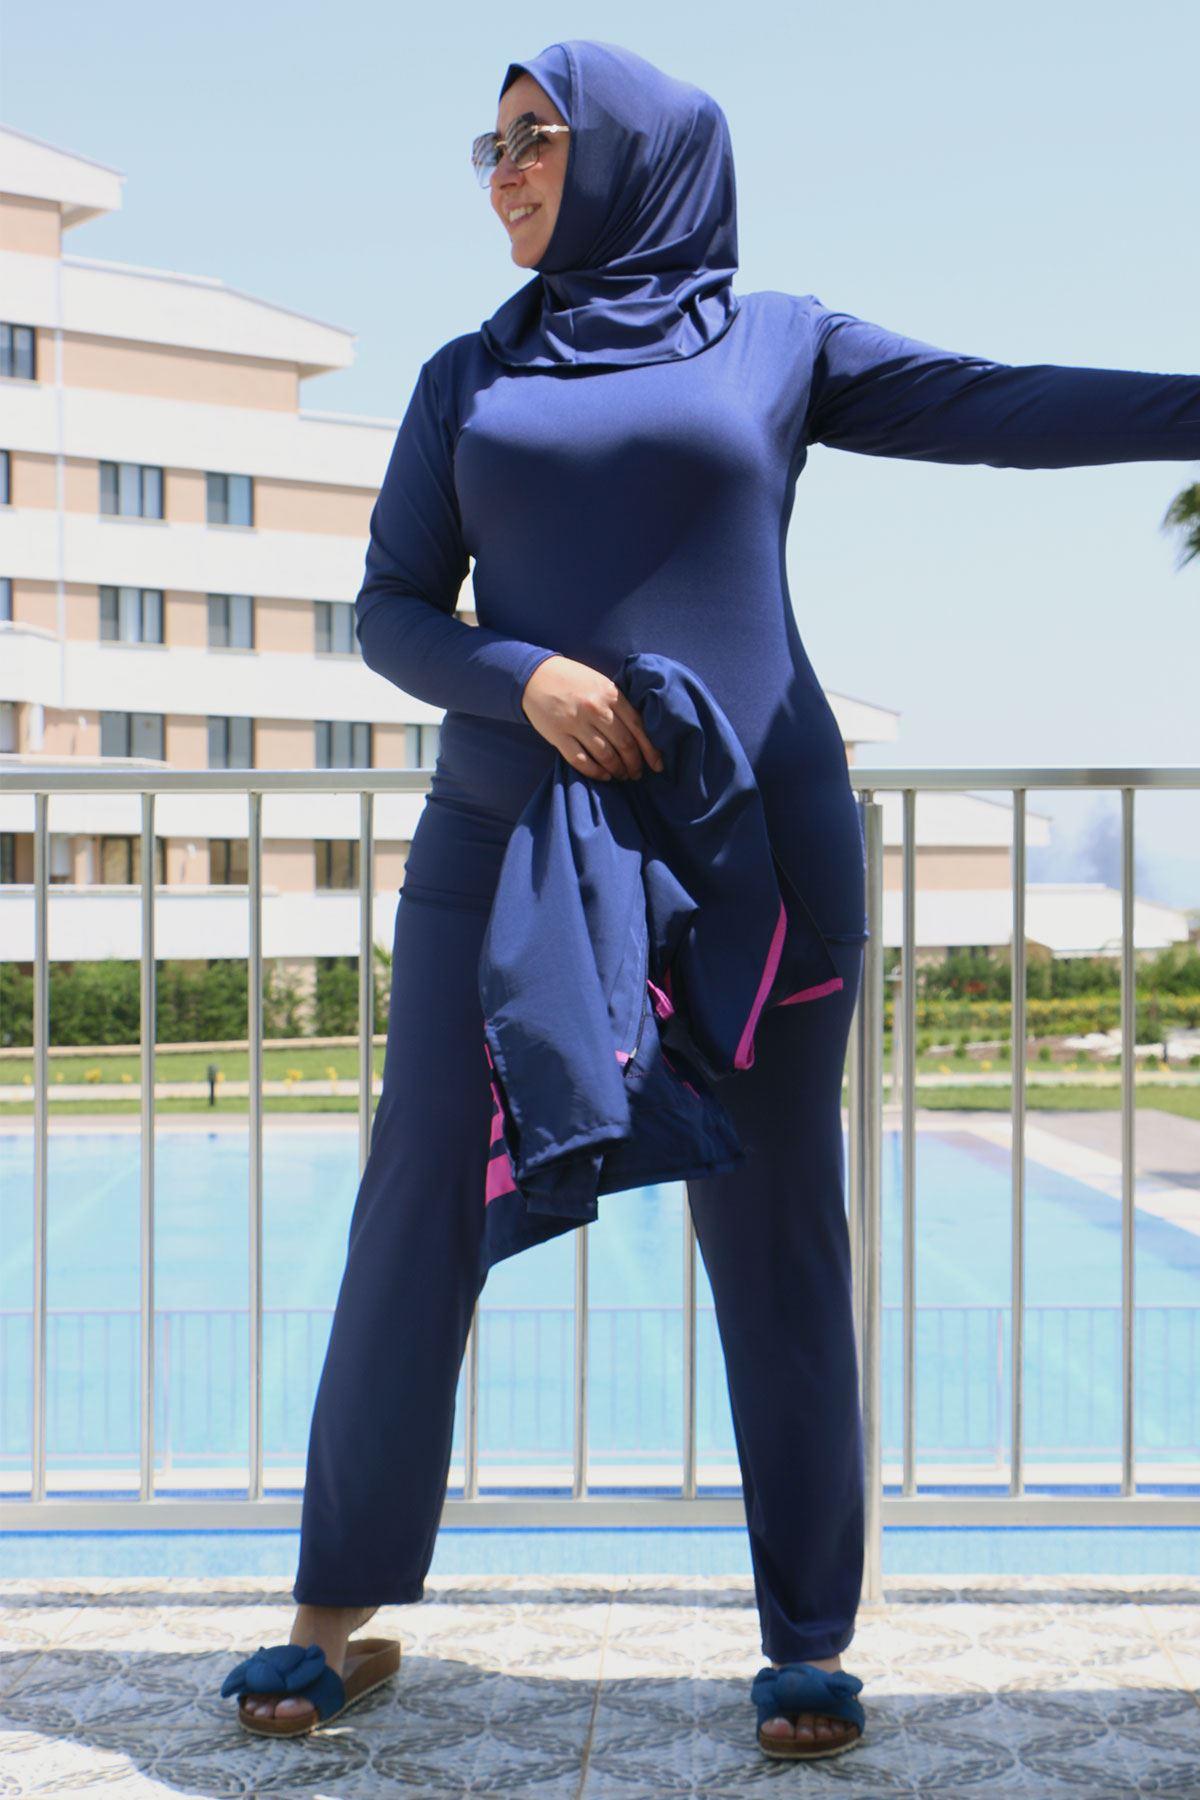 3425 ملابس سباحة مقاس كبير مع سترة بدون أكمام - كحلي